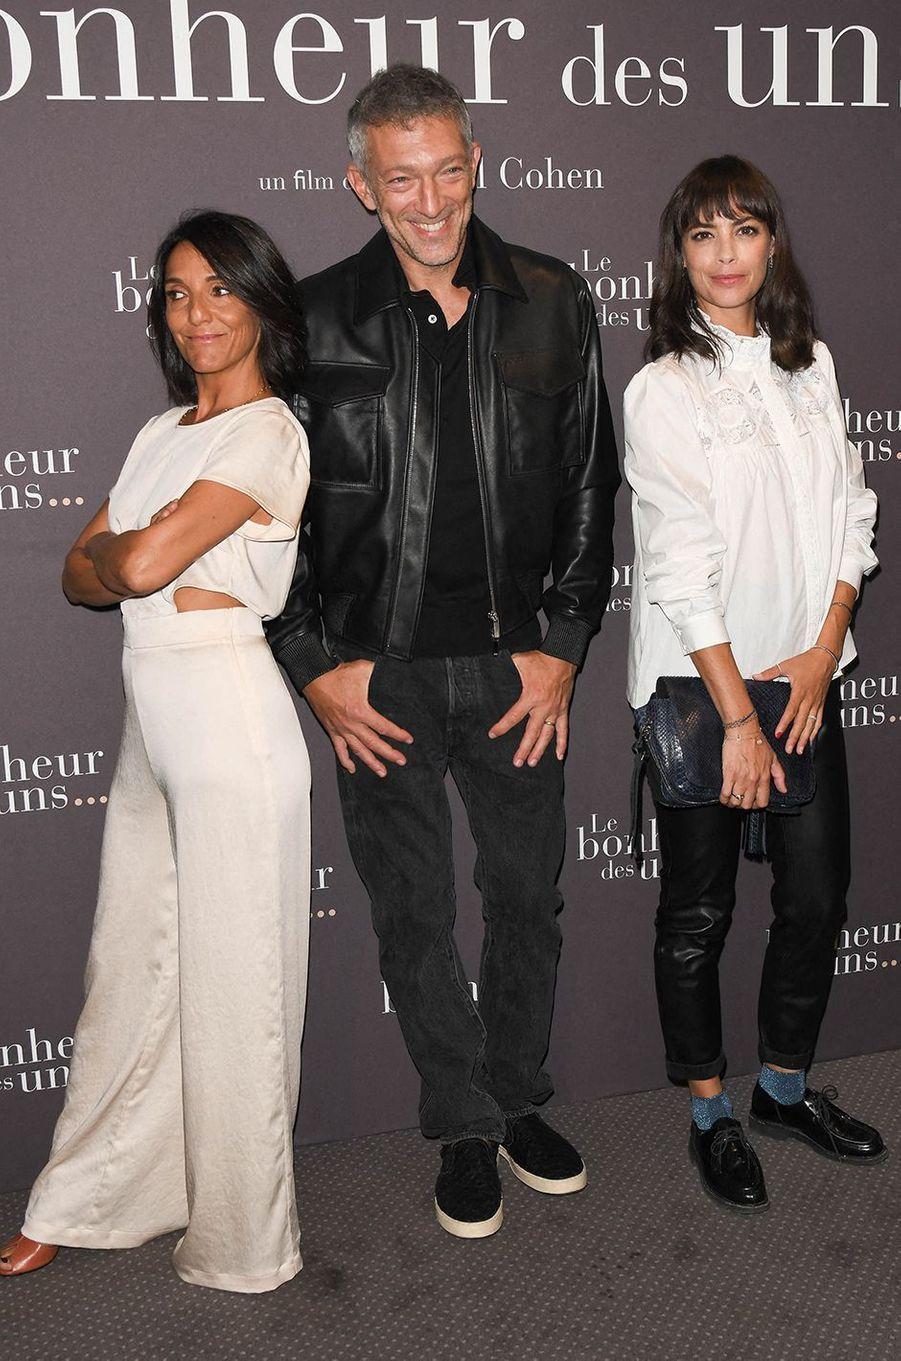 Florence Foresti, Vincent Cassel et Bérénice Béjoà l'avant-première du film «Le Bonheur des uns...» au cinéma Pathé Opéra Premier à Paris, le 8 septembre 2020